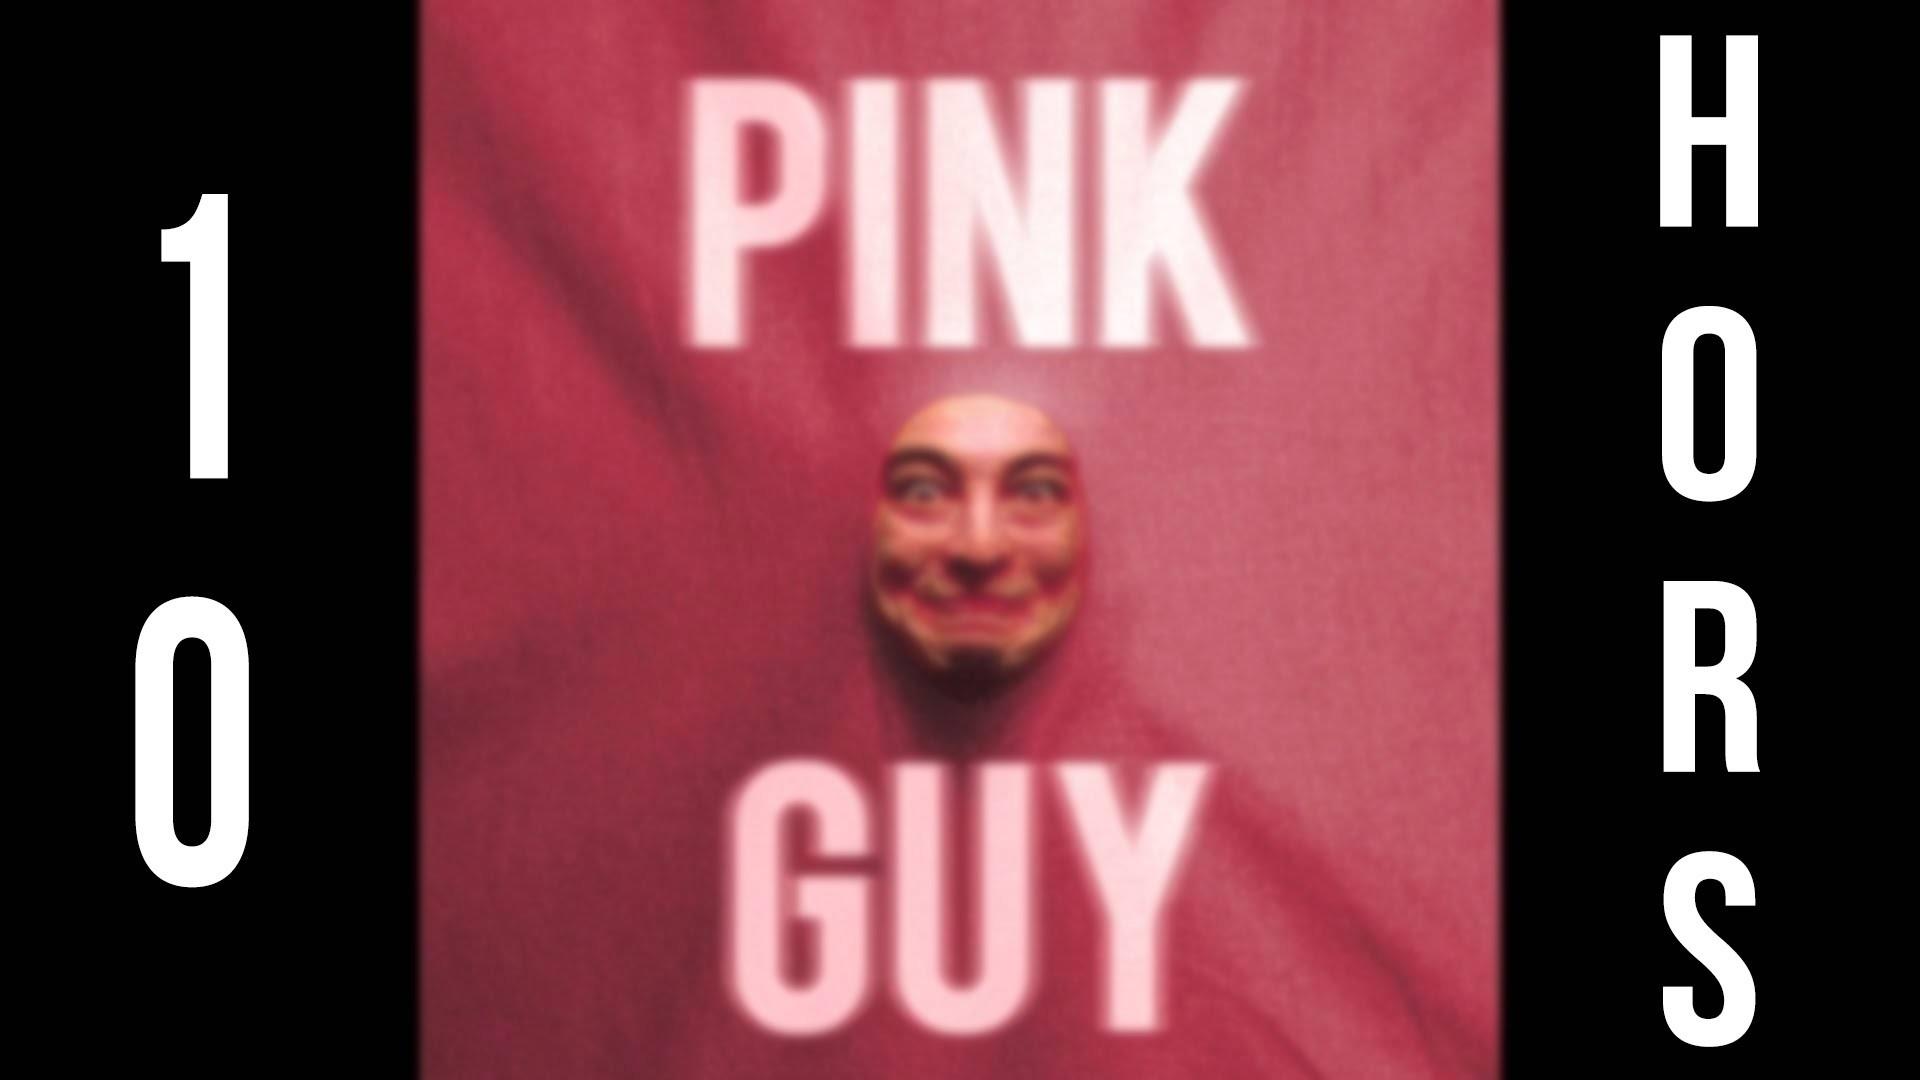 PINK GUY (ALBUM) 10 HOURS